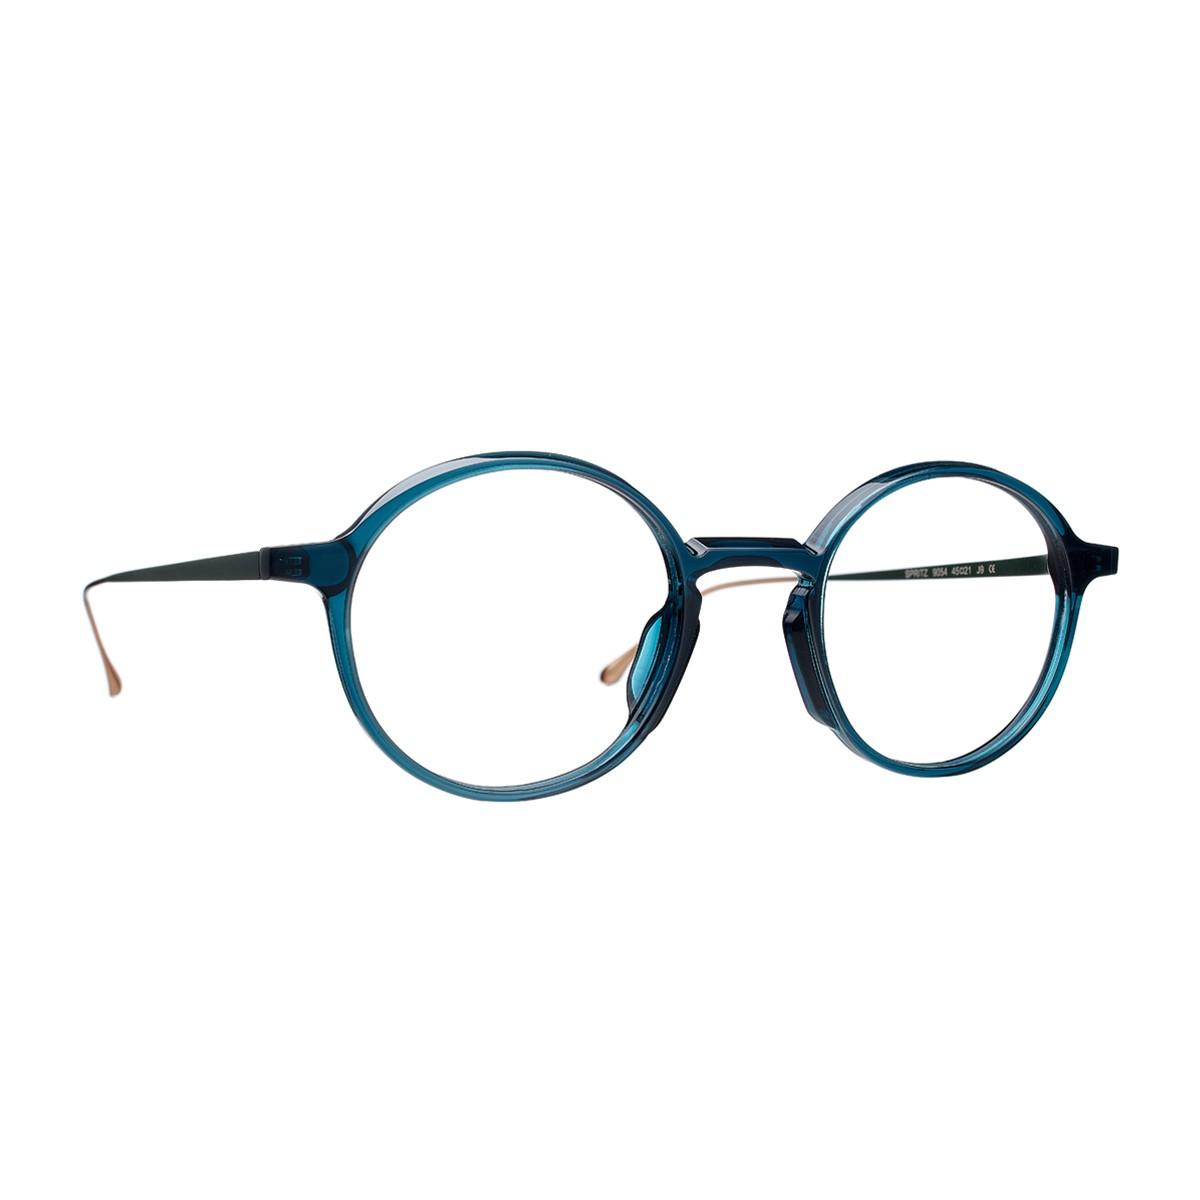 Talla Spritz | Men's eyeglasses